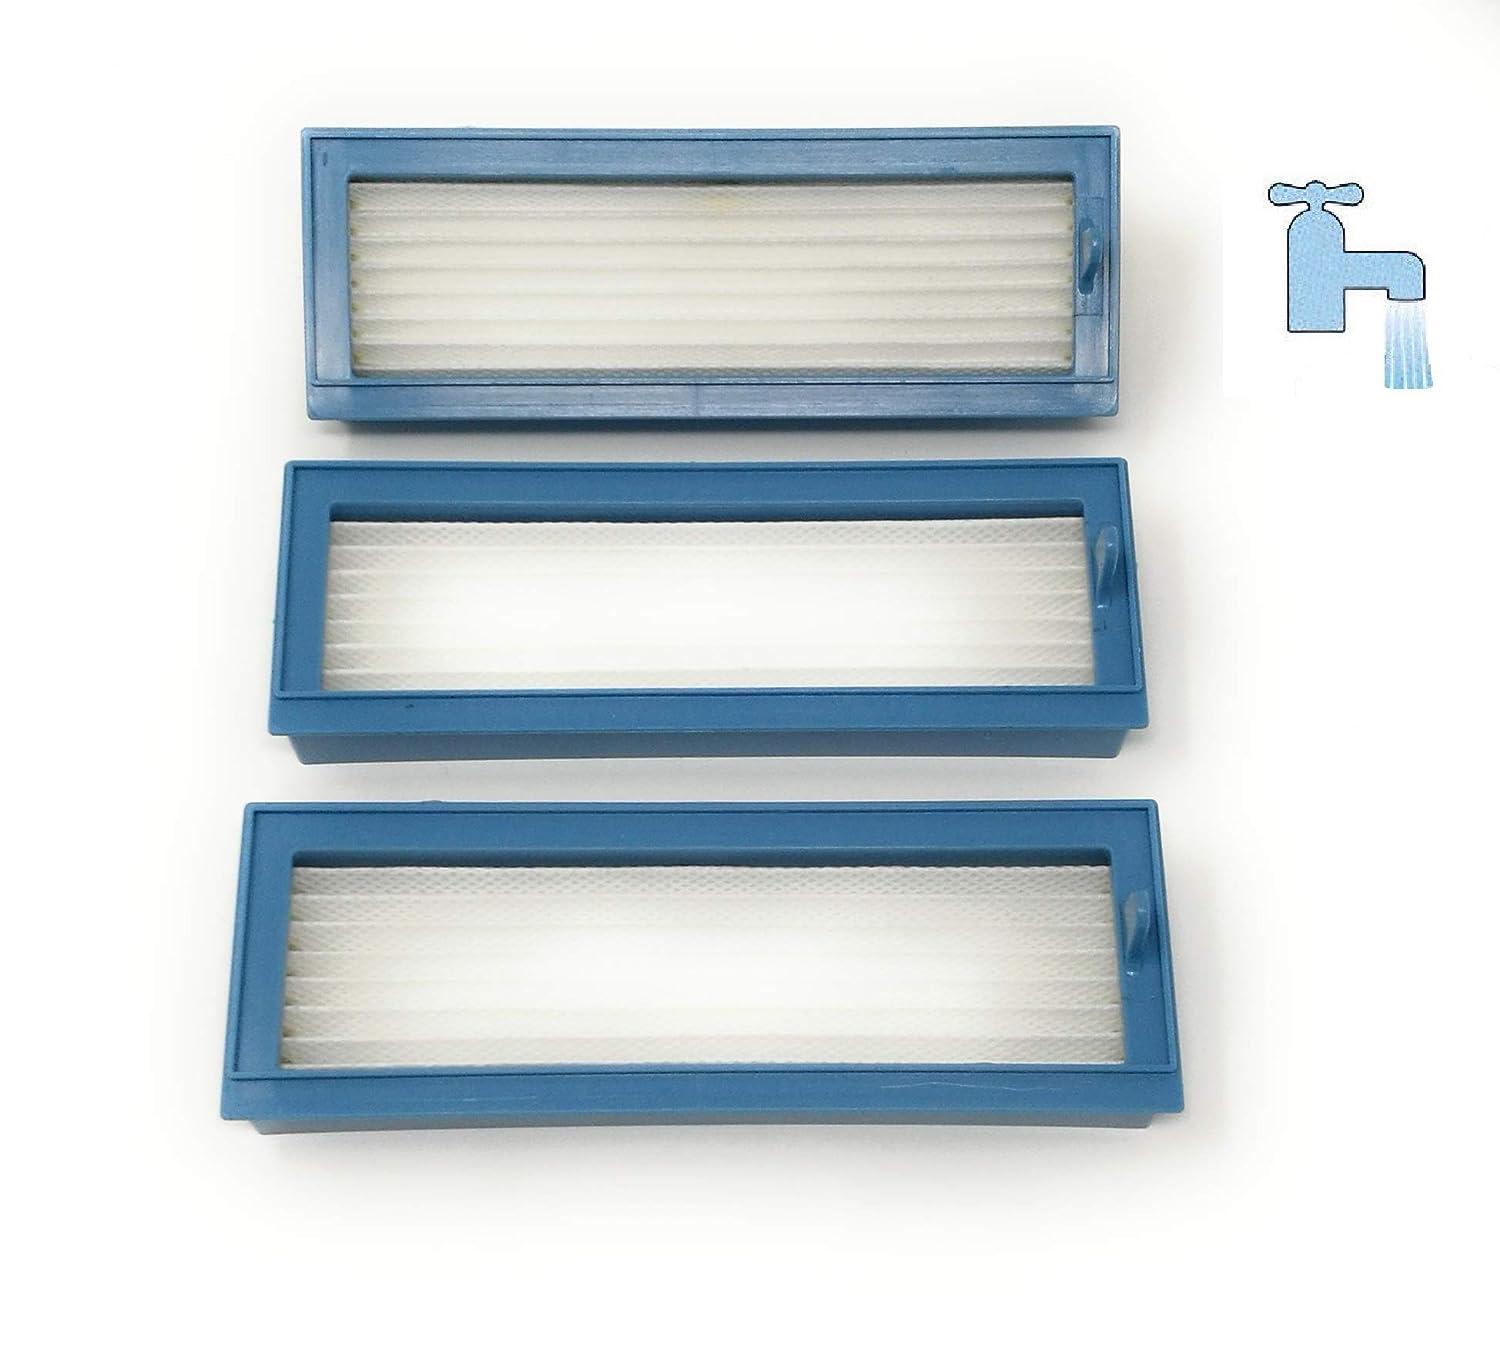 3 Ultra Performance filtro HEPA lavable para Vorwerk Kobold VR 200 mit Reinigungswerkzeug: Amazon.es: Hogar